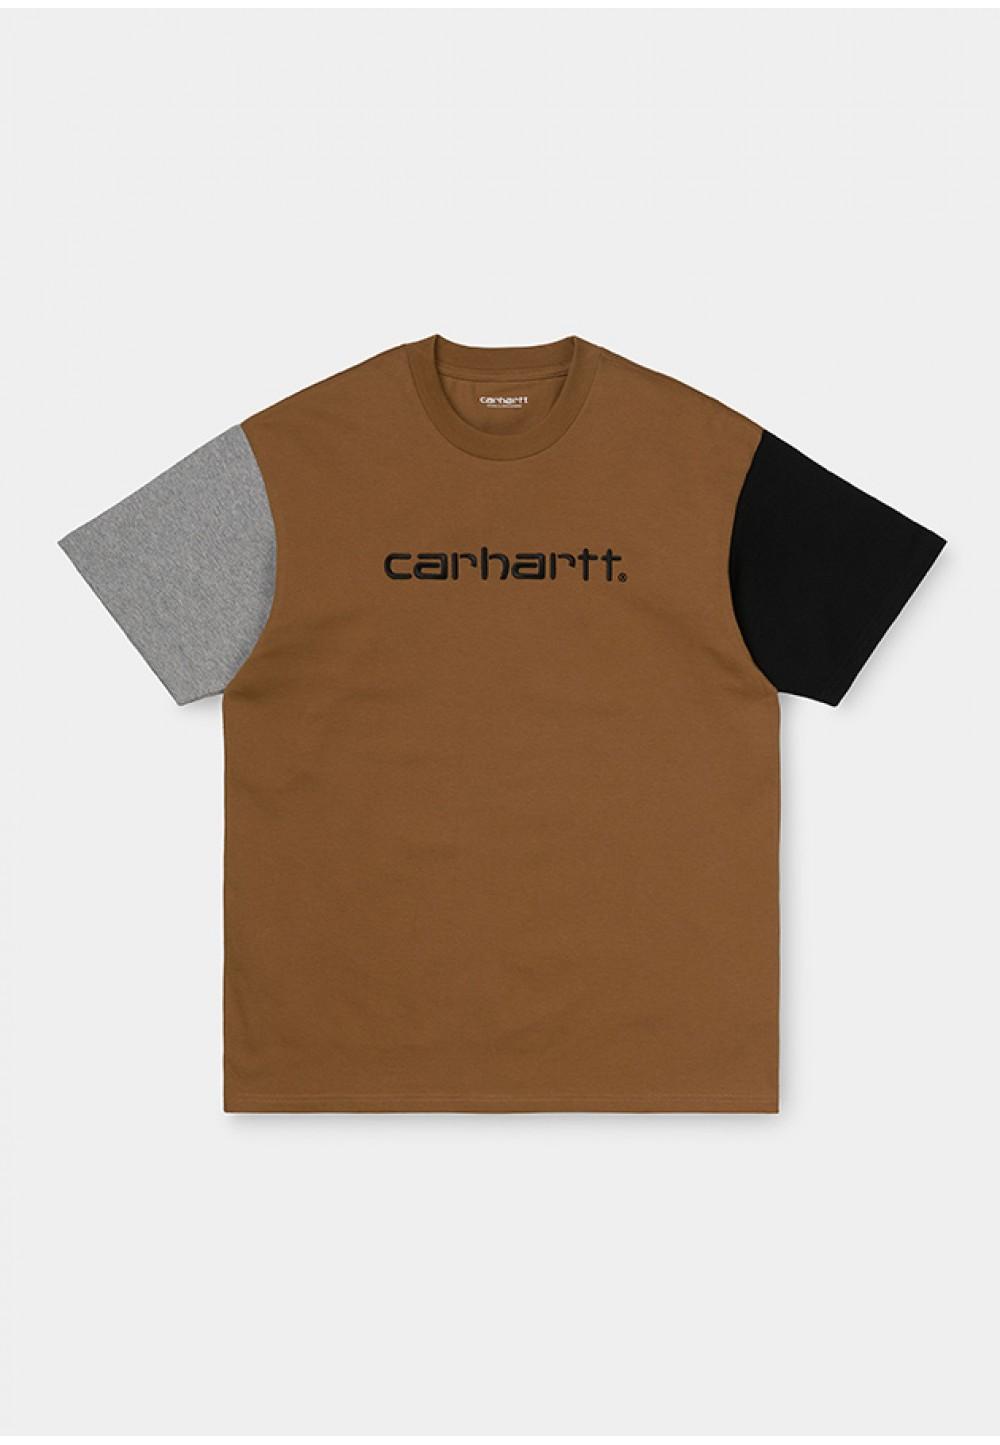 Стильная футболка с вышивкой логотипа